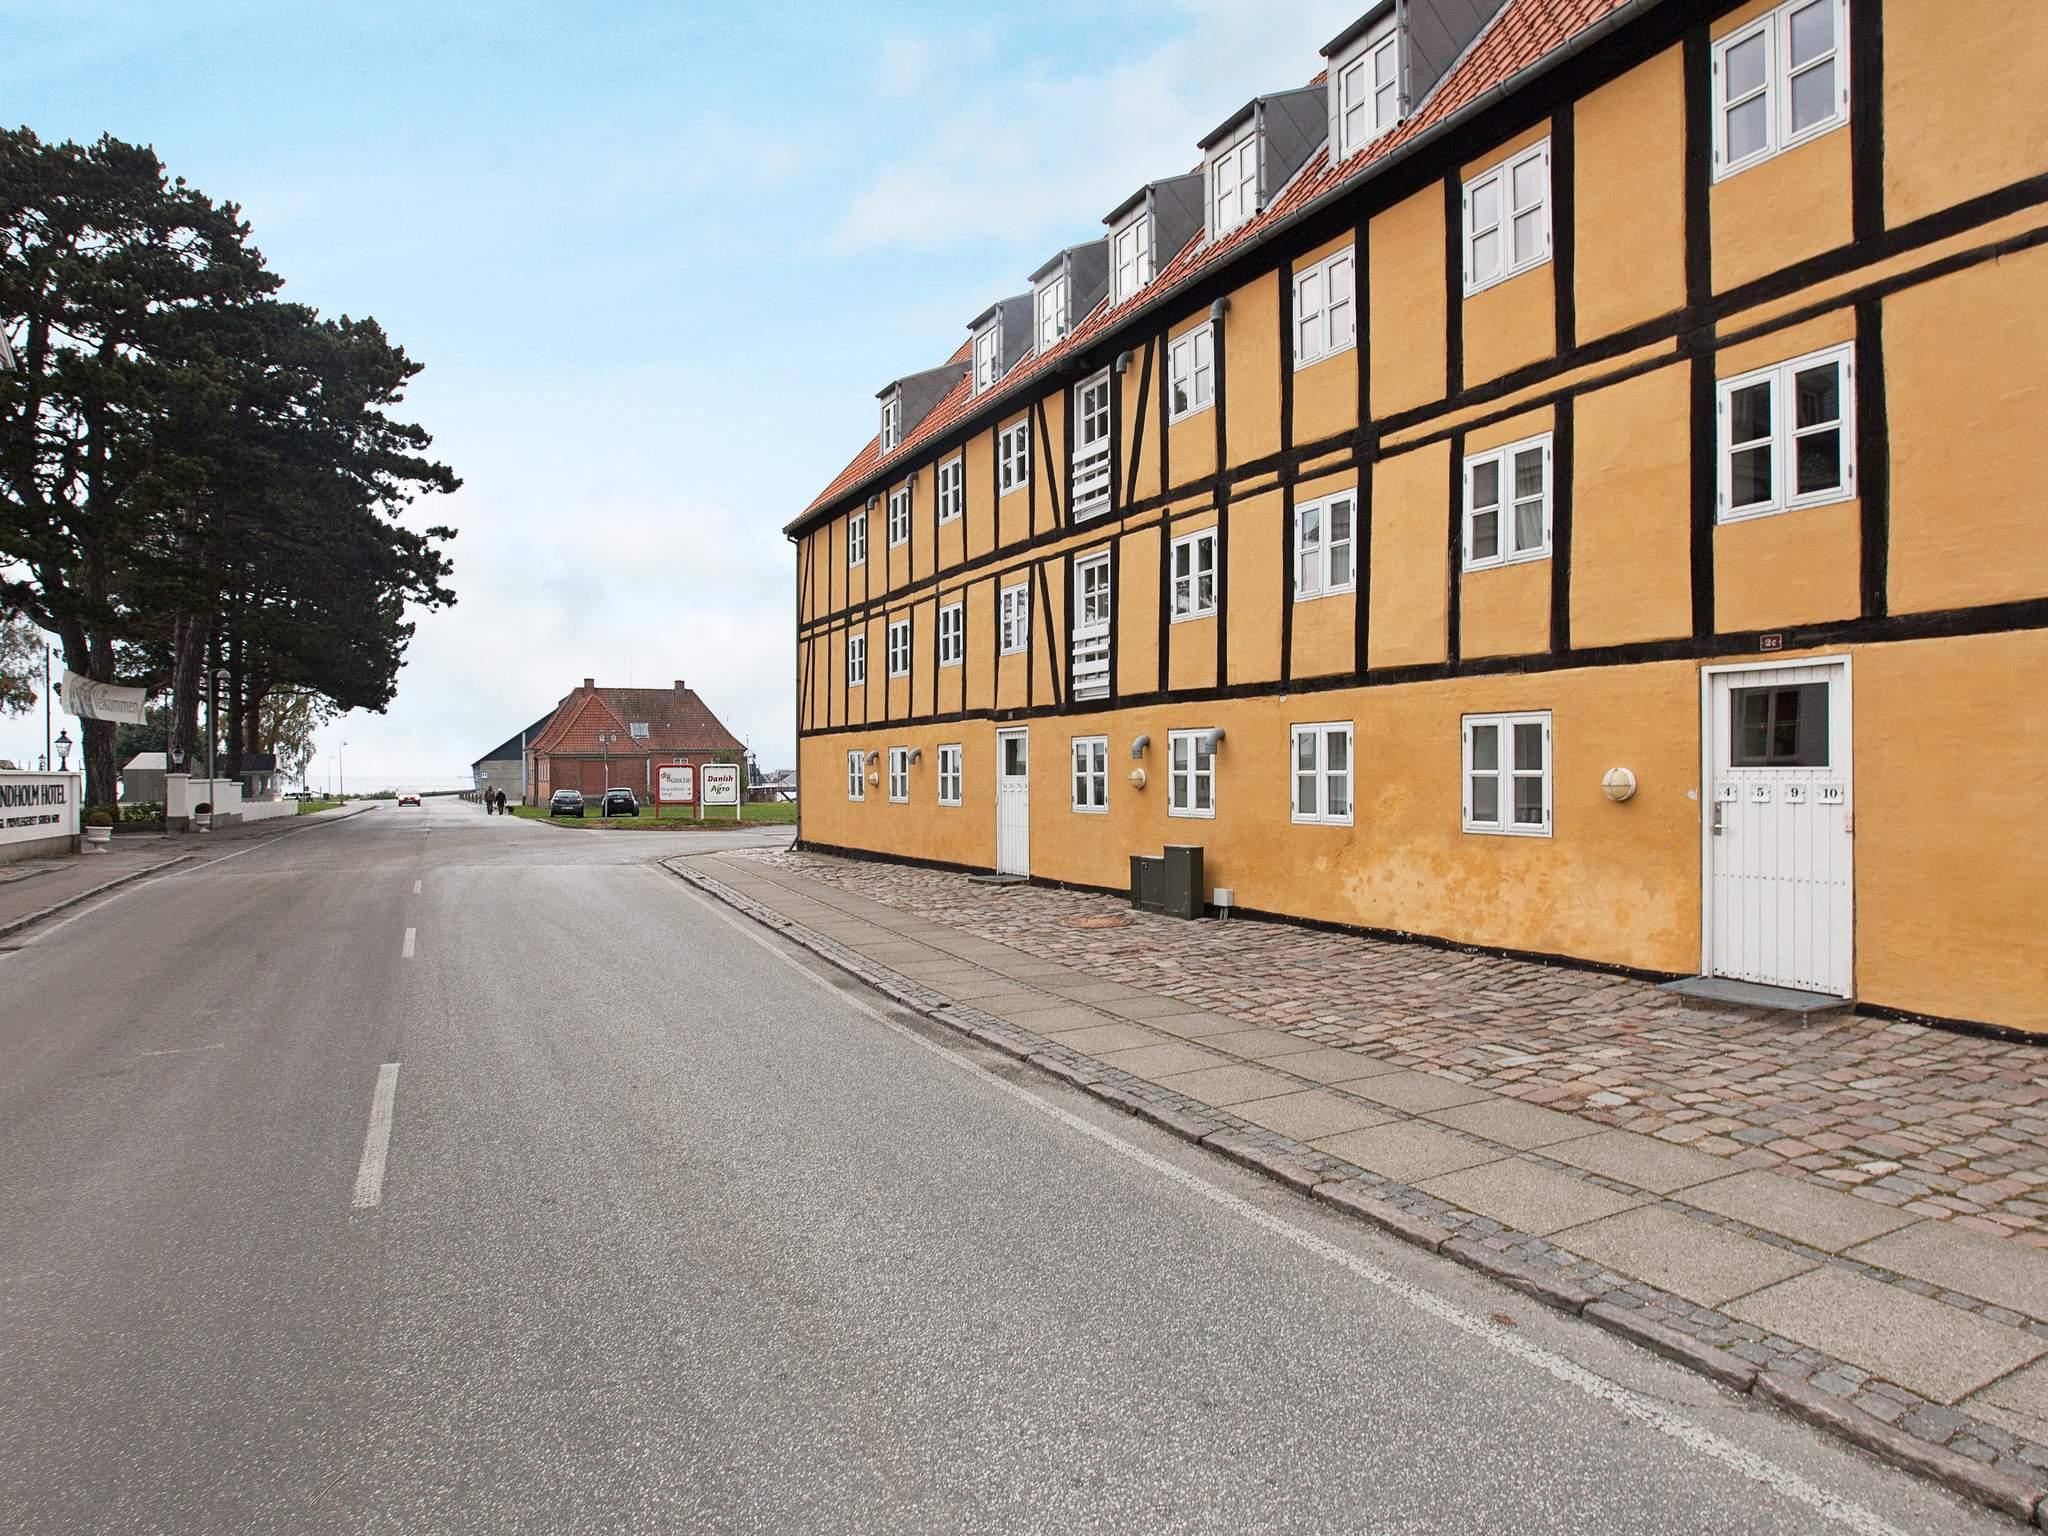 Ferienwohnung Bandholm (1718018), Bandholm, , Lolland, Dänemark, Bild 20